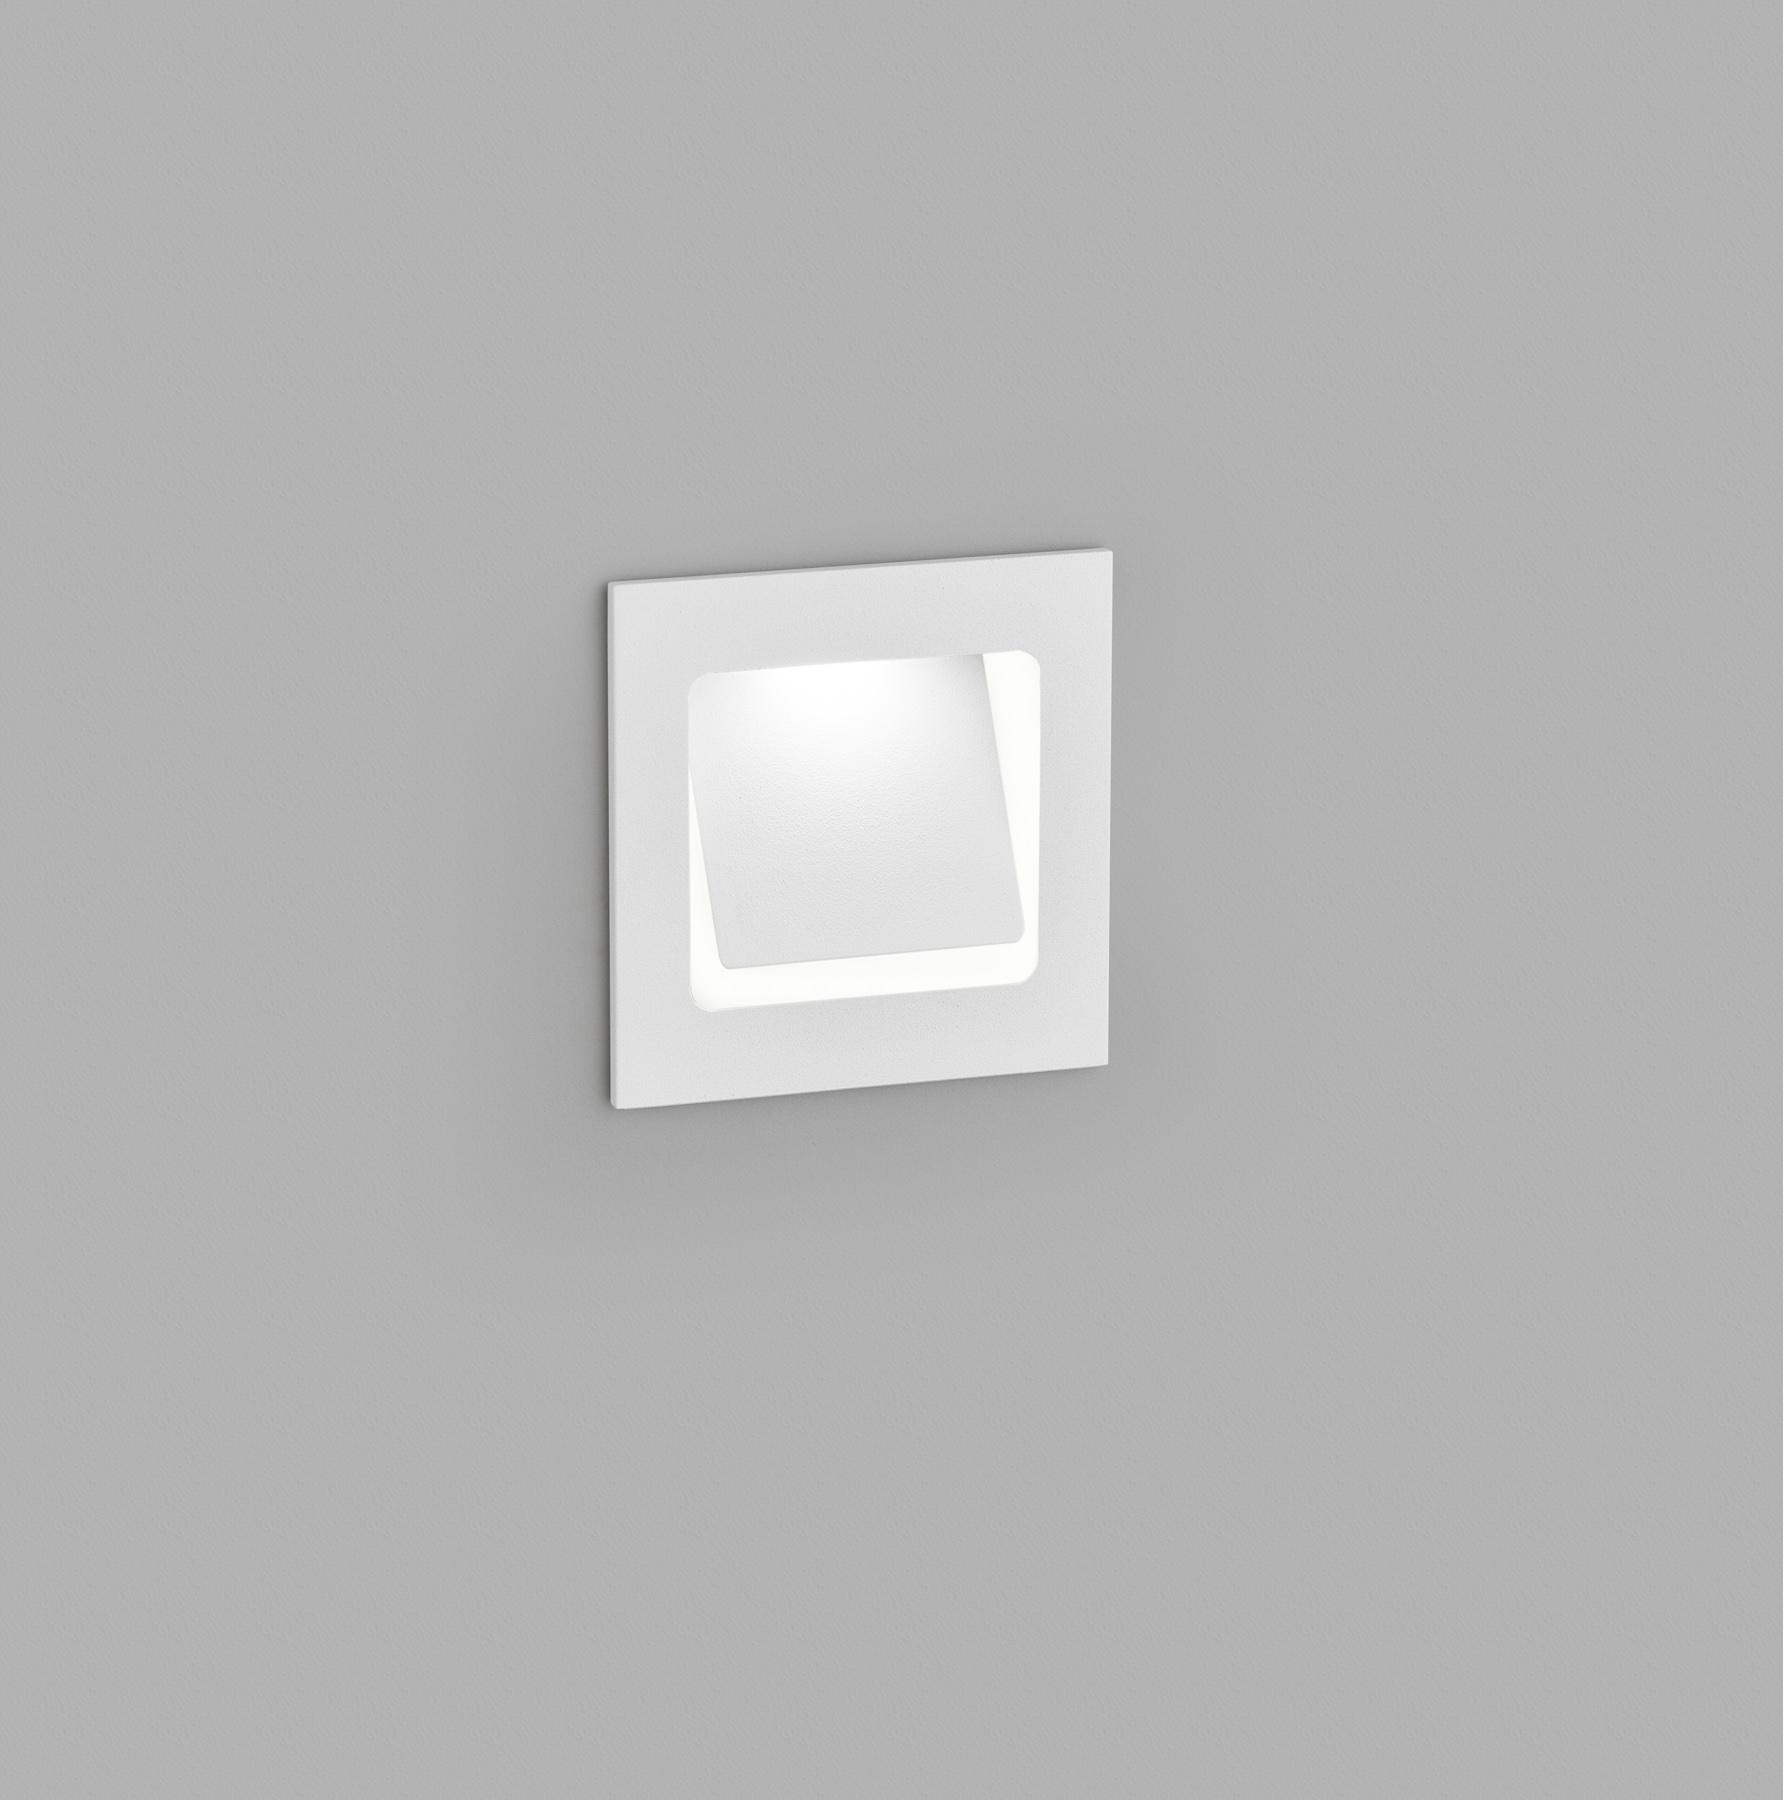 SENT LED - Wandeinbauleuchte von Helestra Leuchten